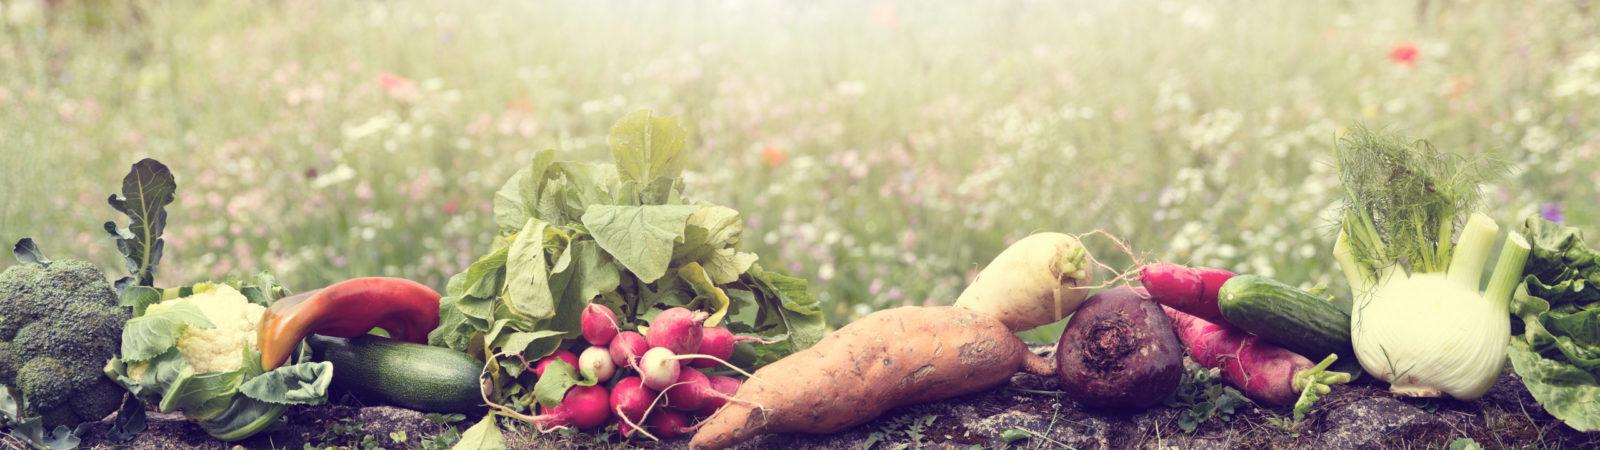 Bio-Gemüse